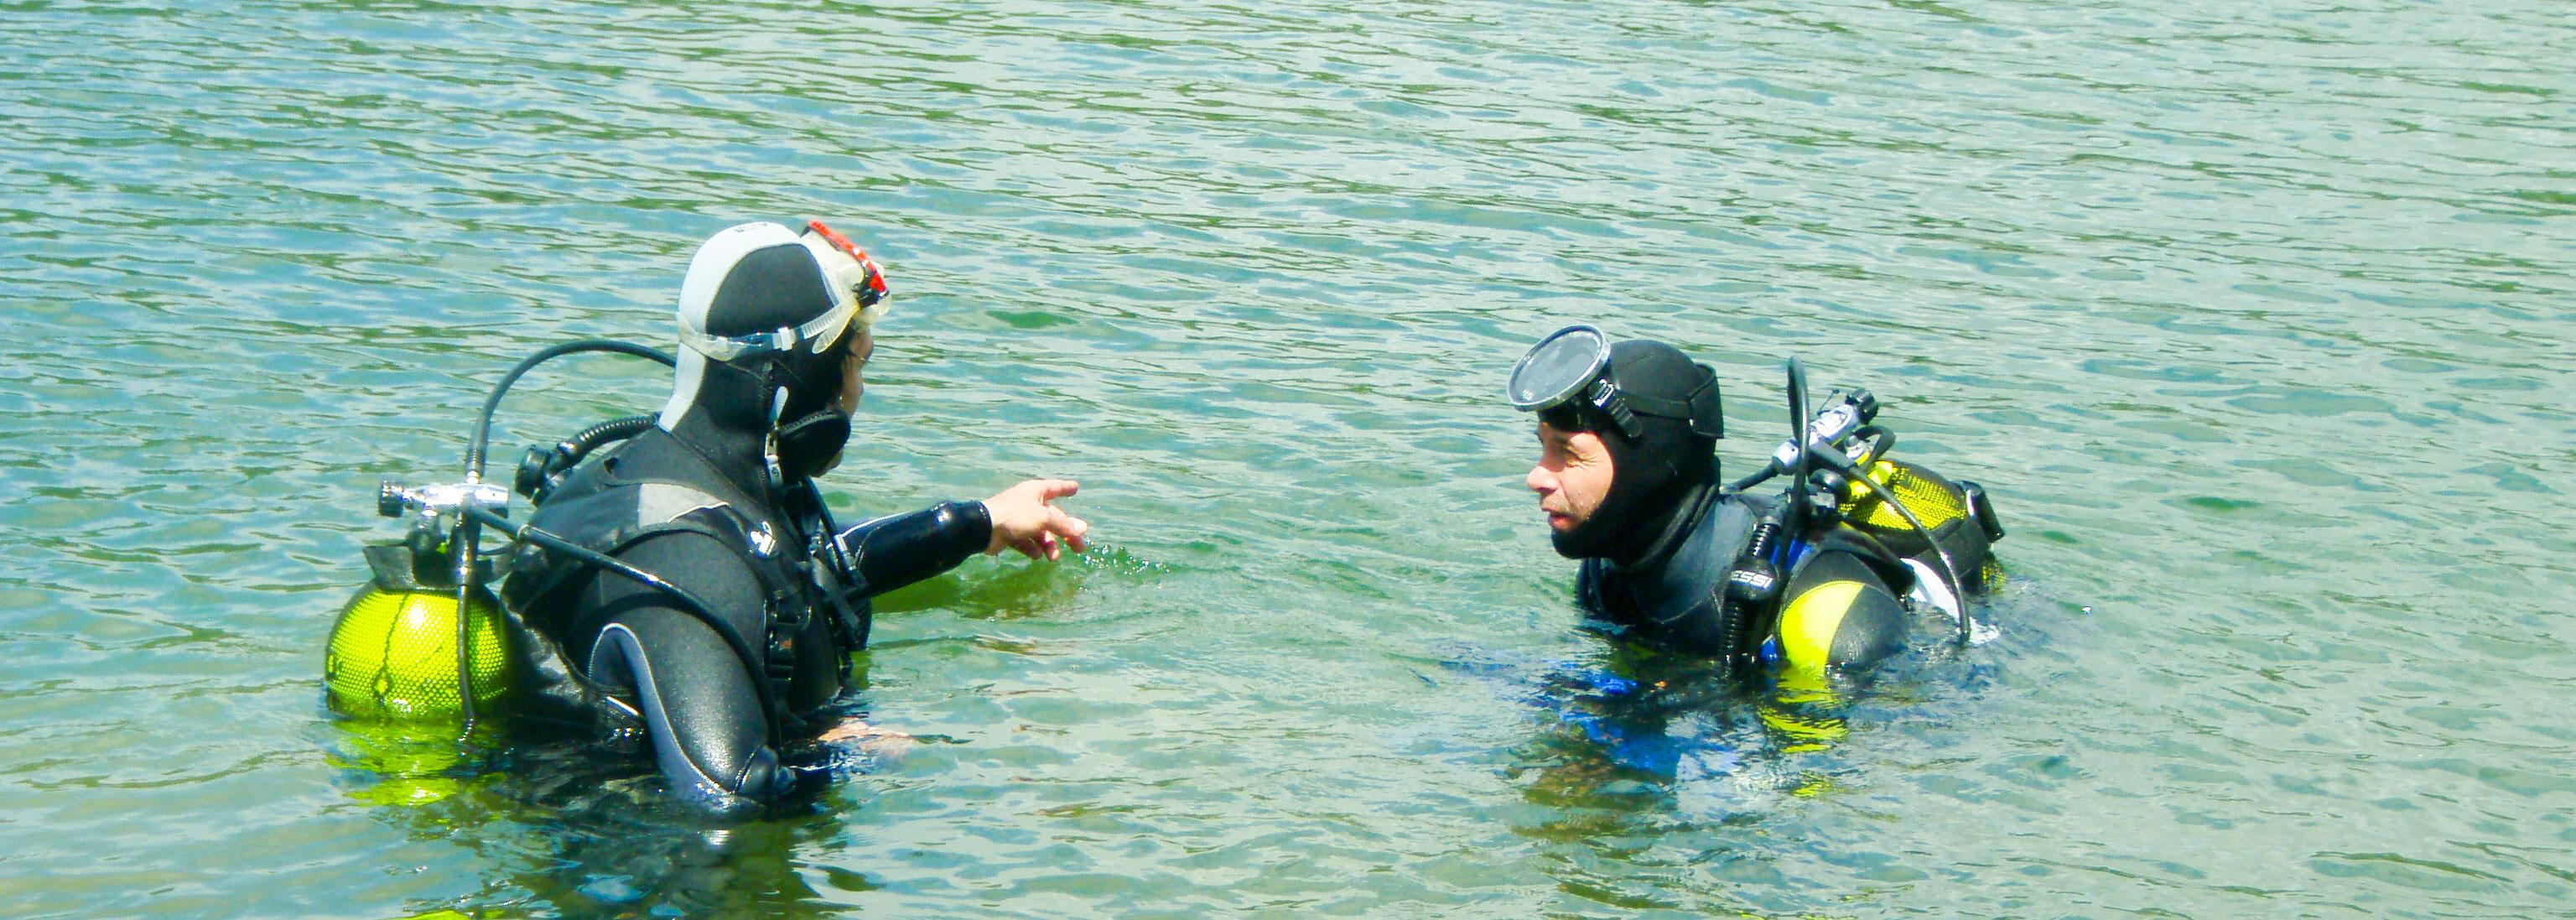 Los buzos de Paleoymás comienzan la inmersión en el río Ebro en busca de ejempñares de margaritifera auricularia u otras Nayades